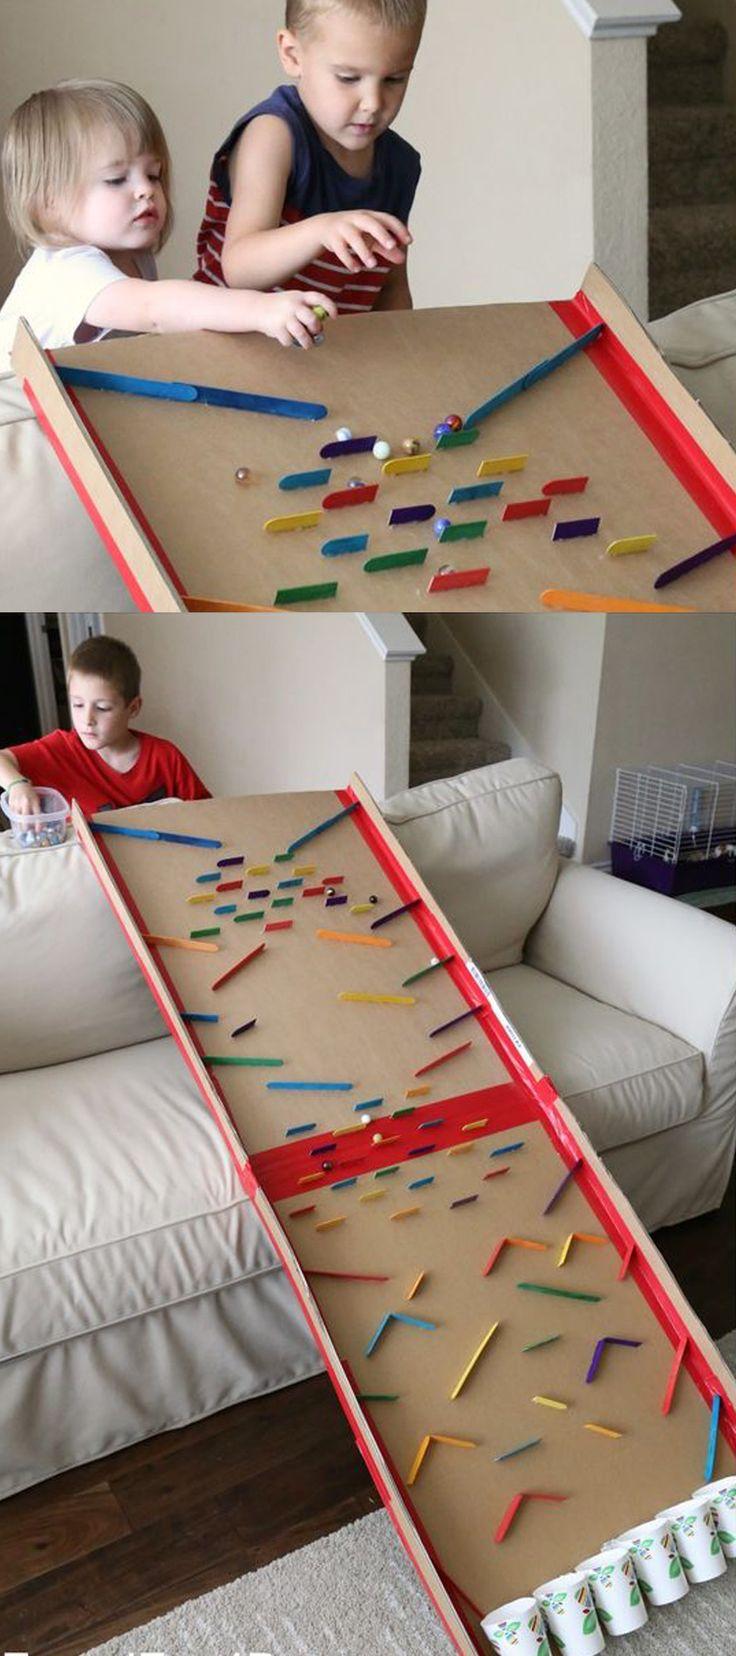 Caja de cartón diseñada como un juego para niños